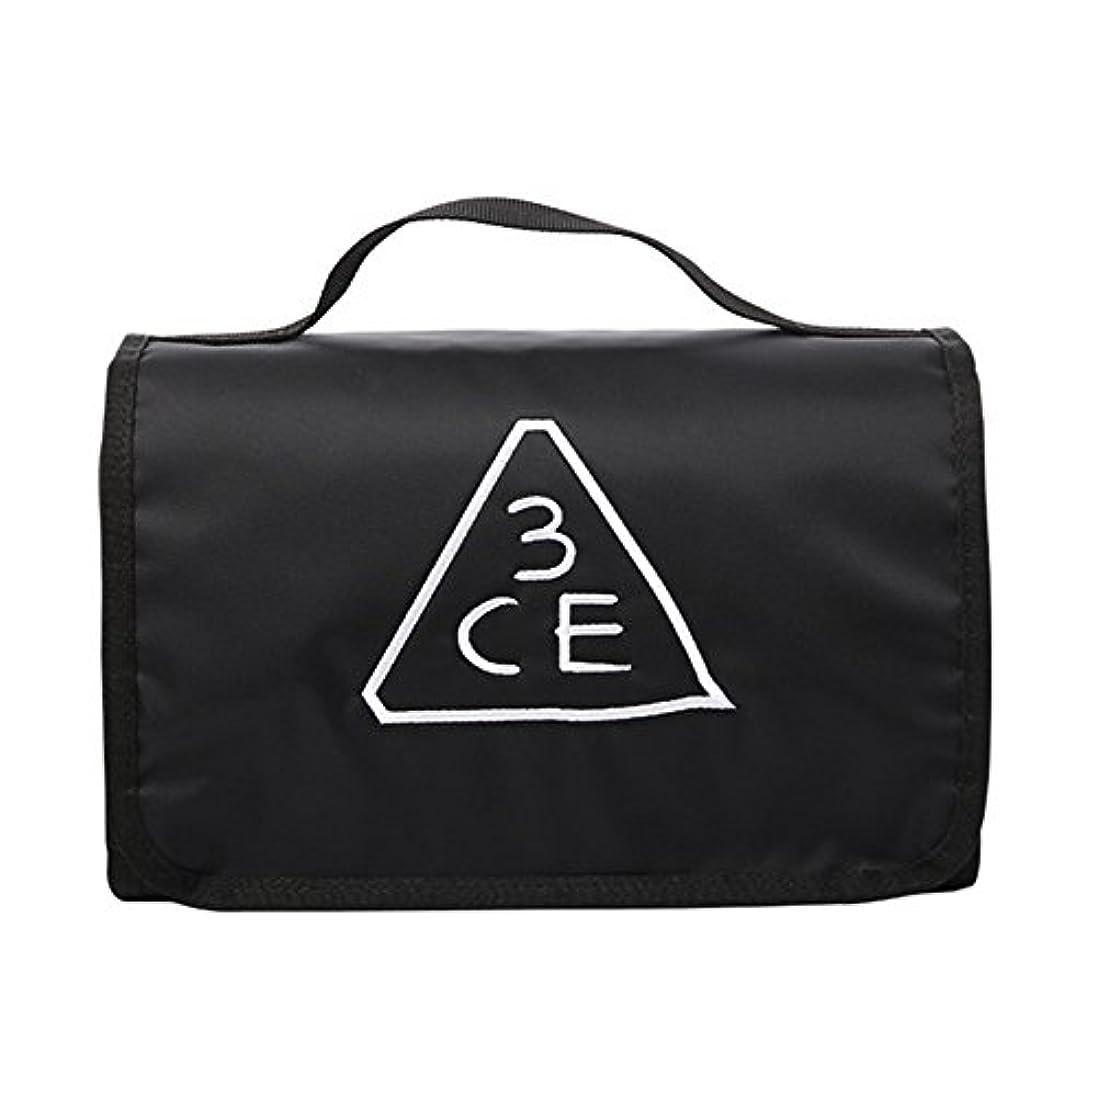 簡単にカニ血まみれの3CEウォッシュバッグ防水化粧ポーチ/化粧ポーチ/Kbeauty [並行輸入品]